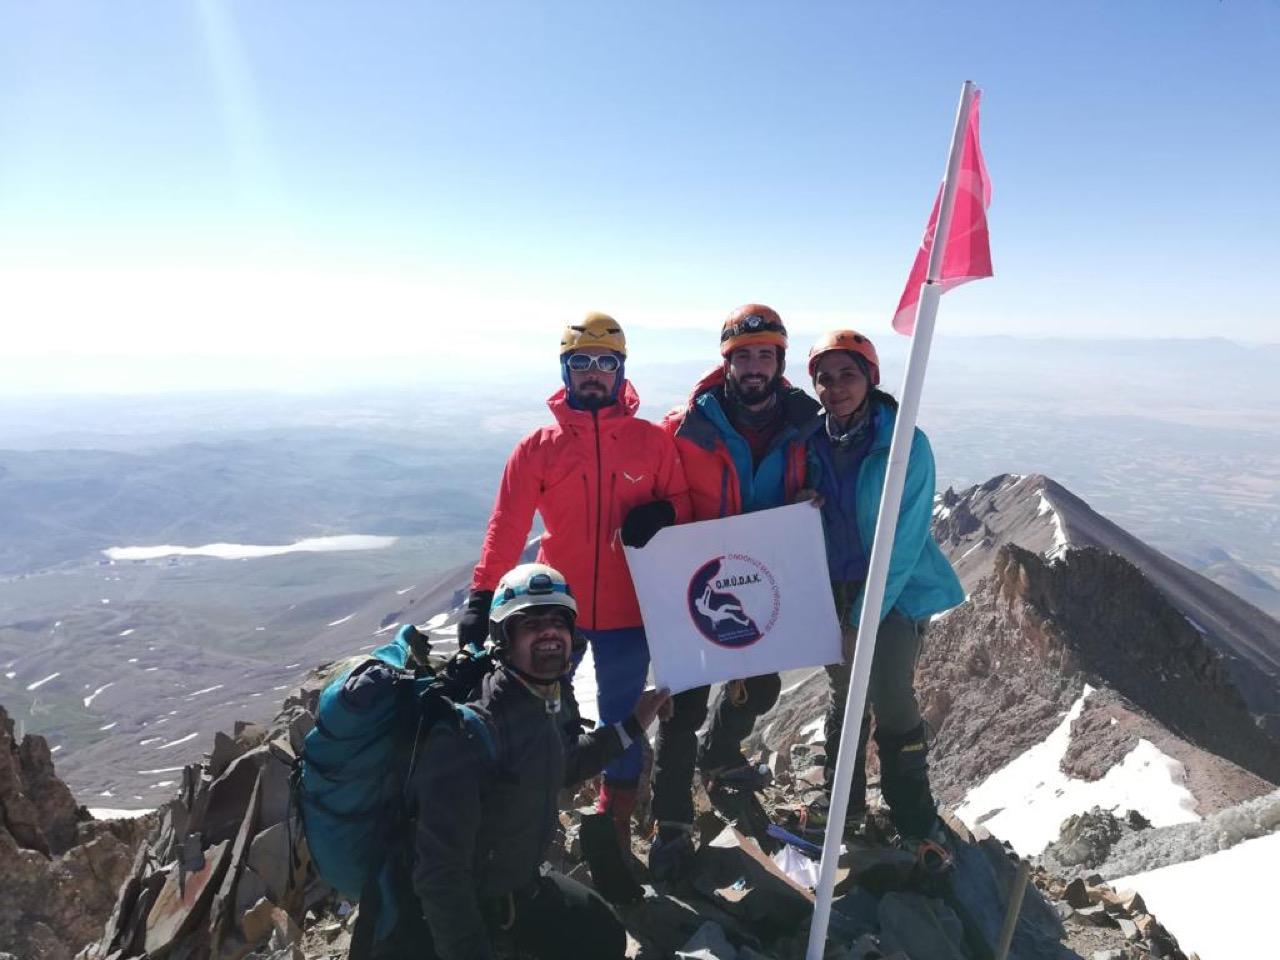 PANDOST ve TİKDAK Erciyes Dağı Zirve Tırmanışını gerçekleştirdi.